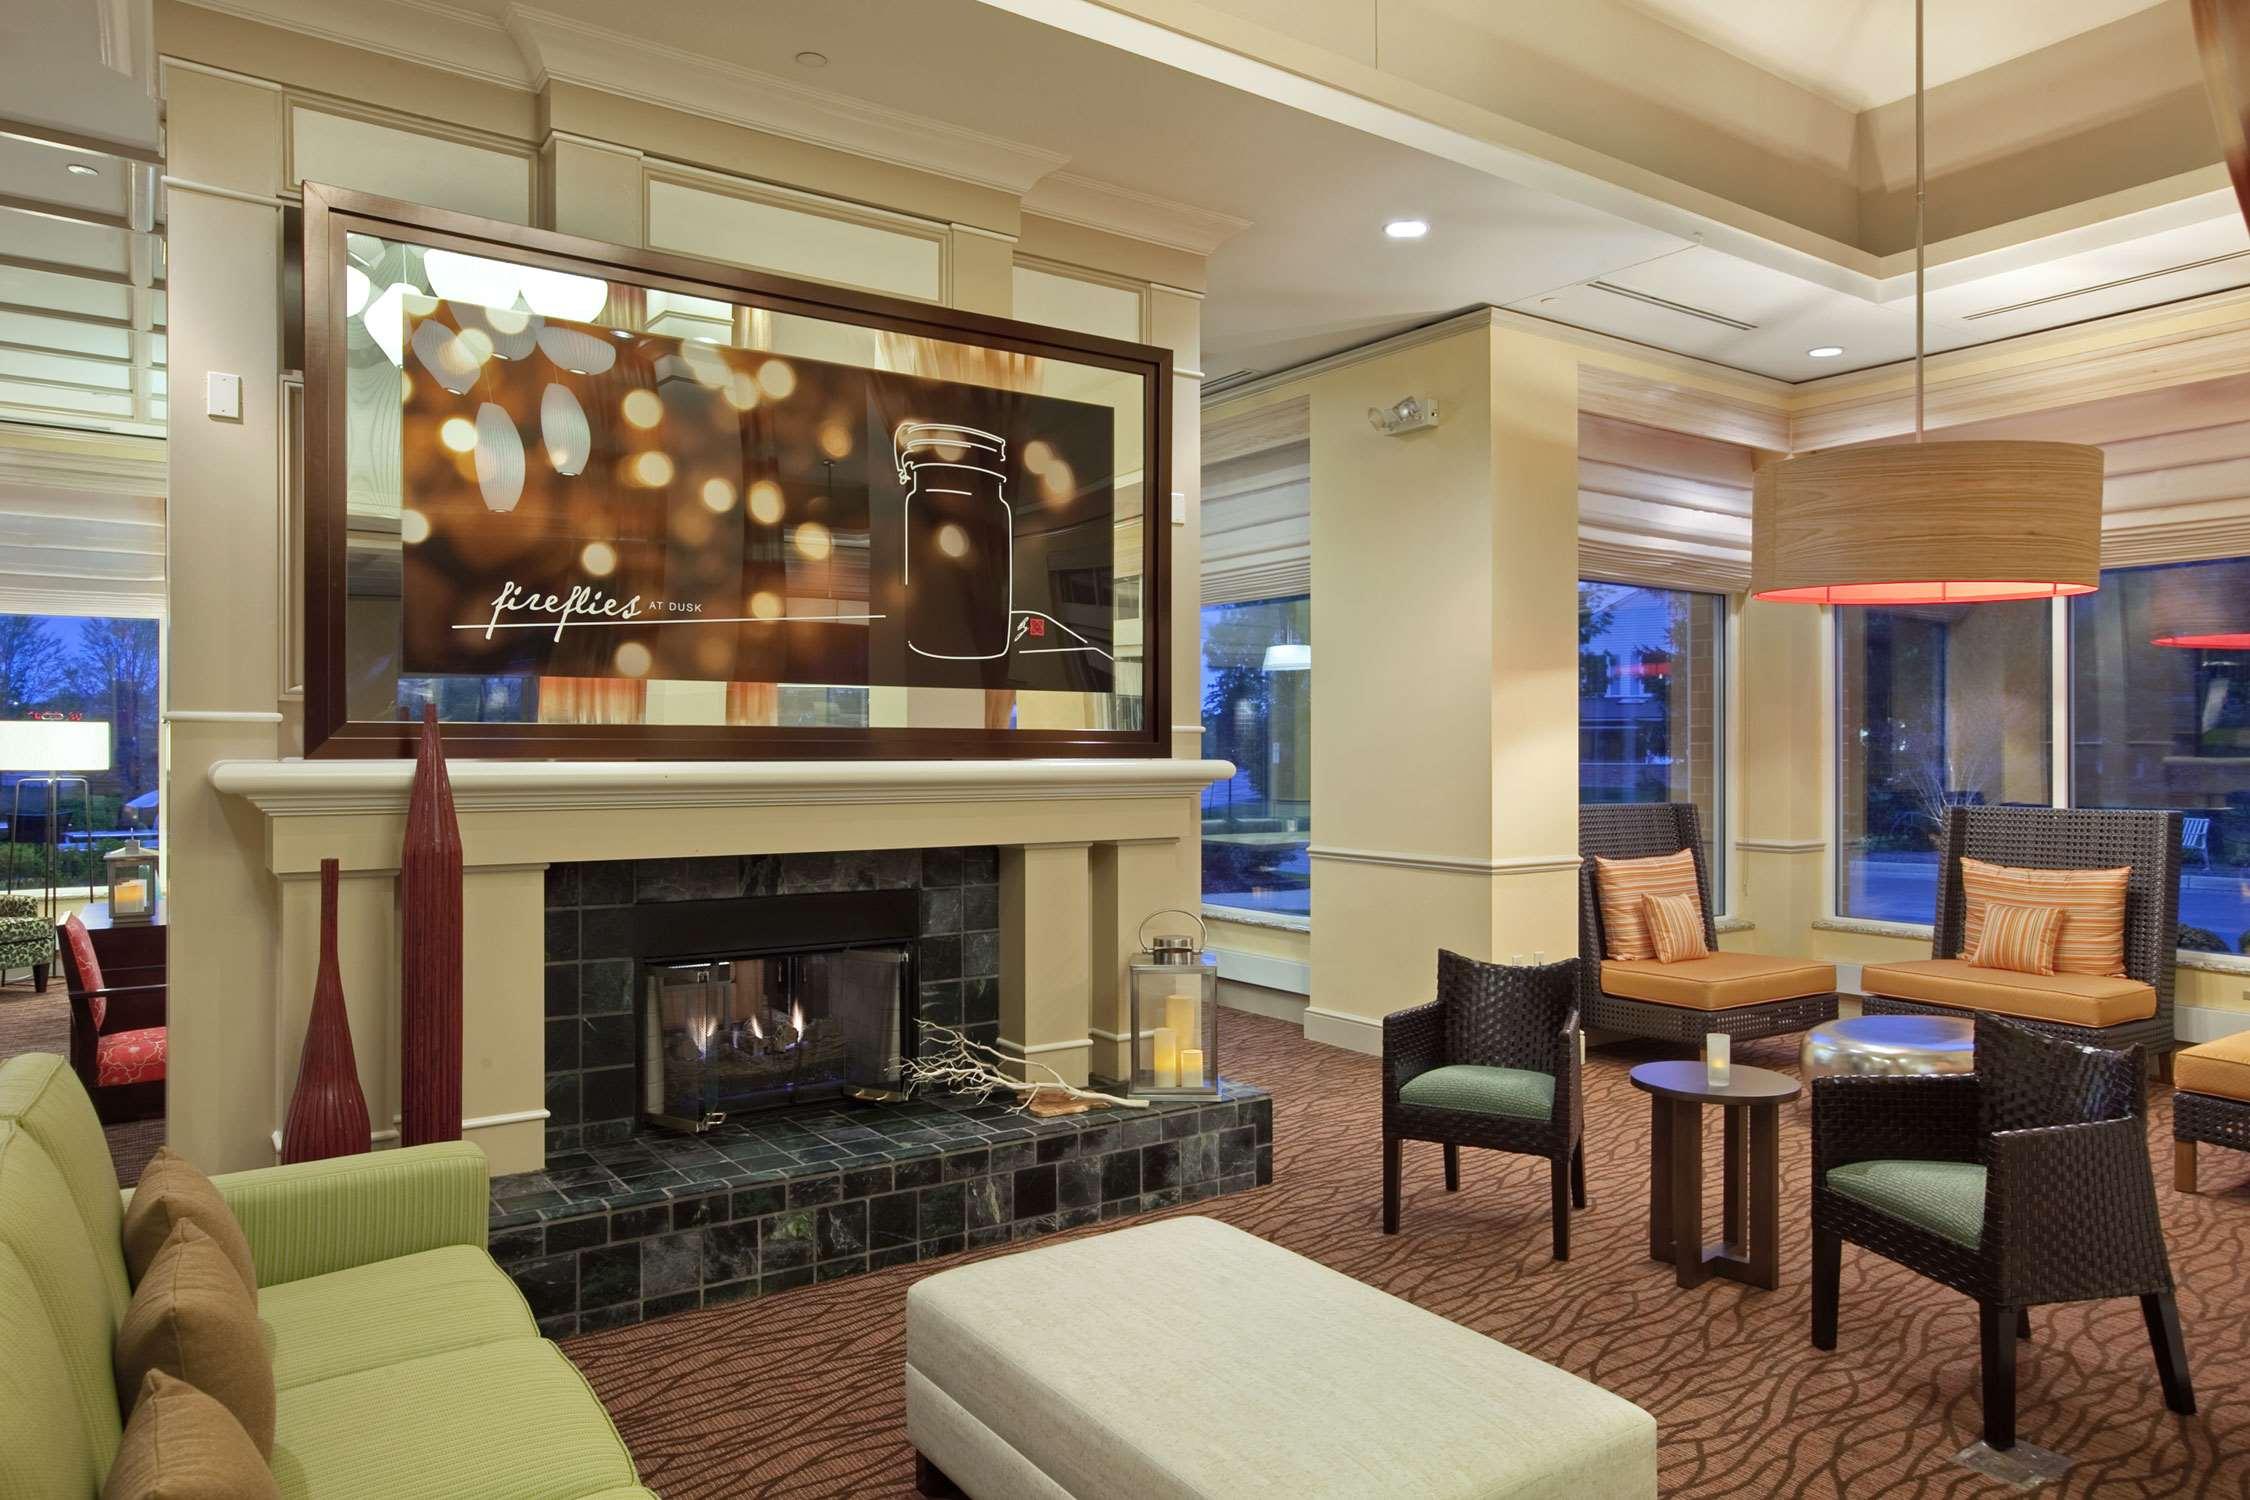 Hilton Garden Inn Hoffman Estates image 5